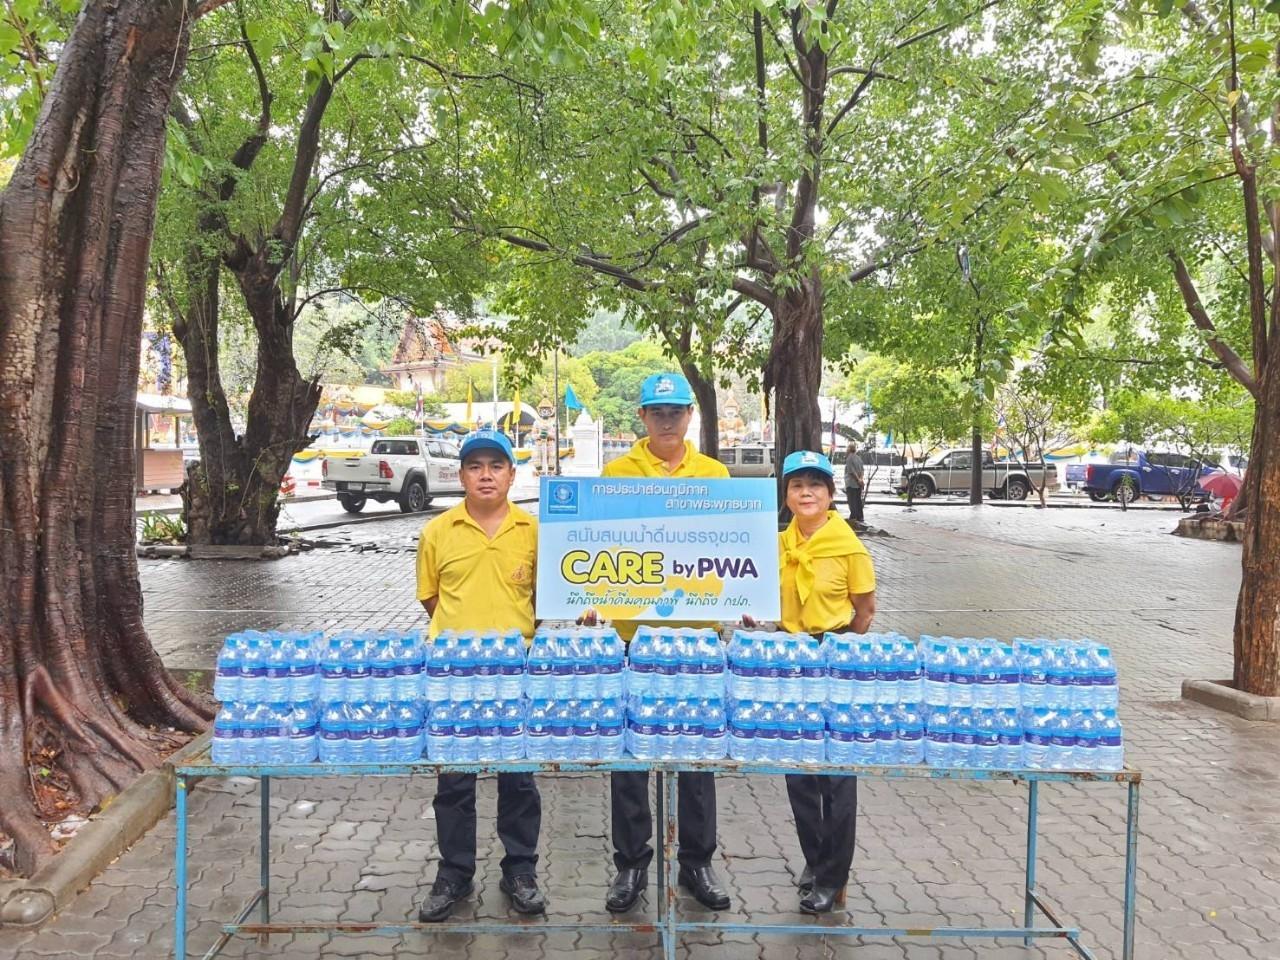 กปภ.สาขาพระพุทธบาท เข้าร่วมงานพิธีถวายผ้าพระกฐินพร้อมสนับสนุนน้ำดื่มเพื่อแจกจ่ายให้แก่ประชาชนที่มาร่วมพิธีฯ